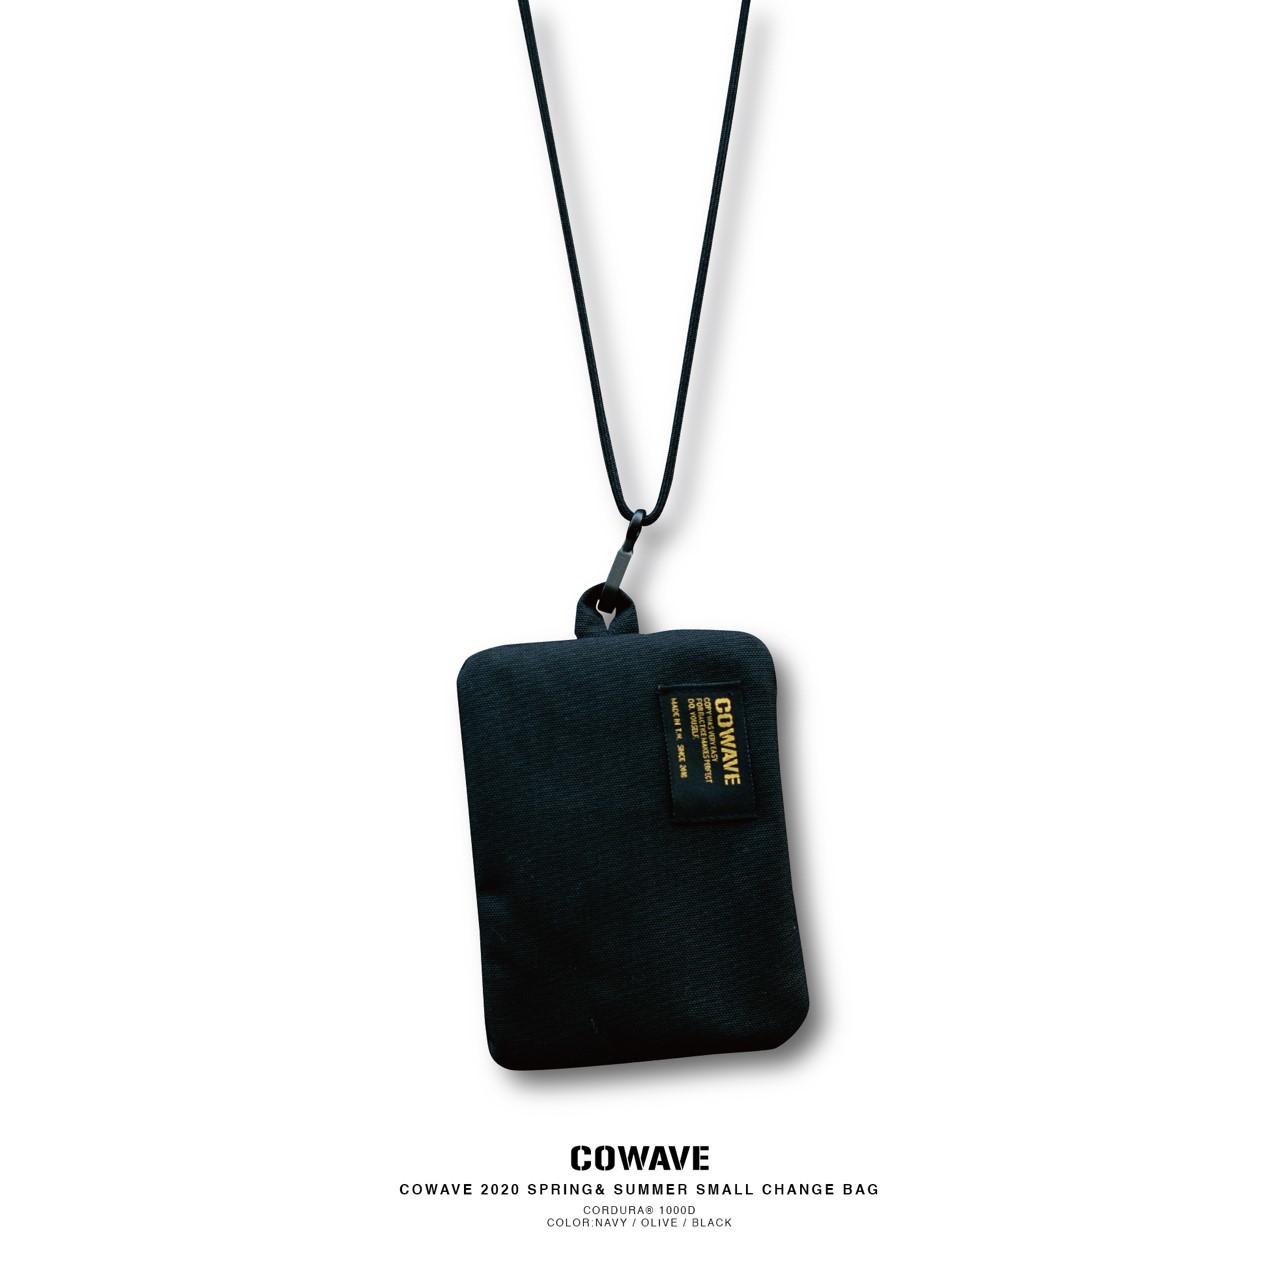 Cowave 零錢包_200329_0015.jpg